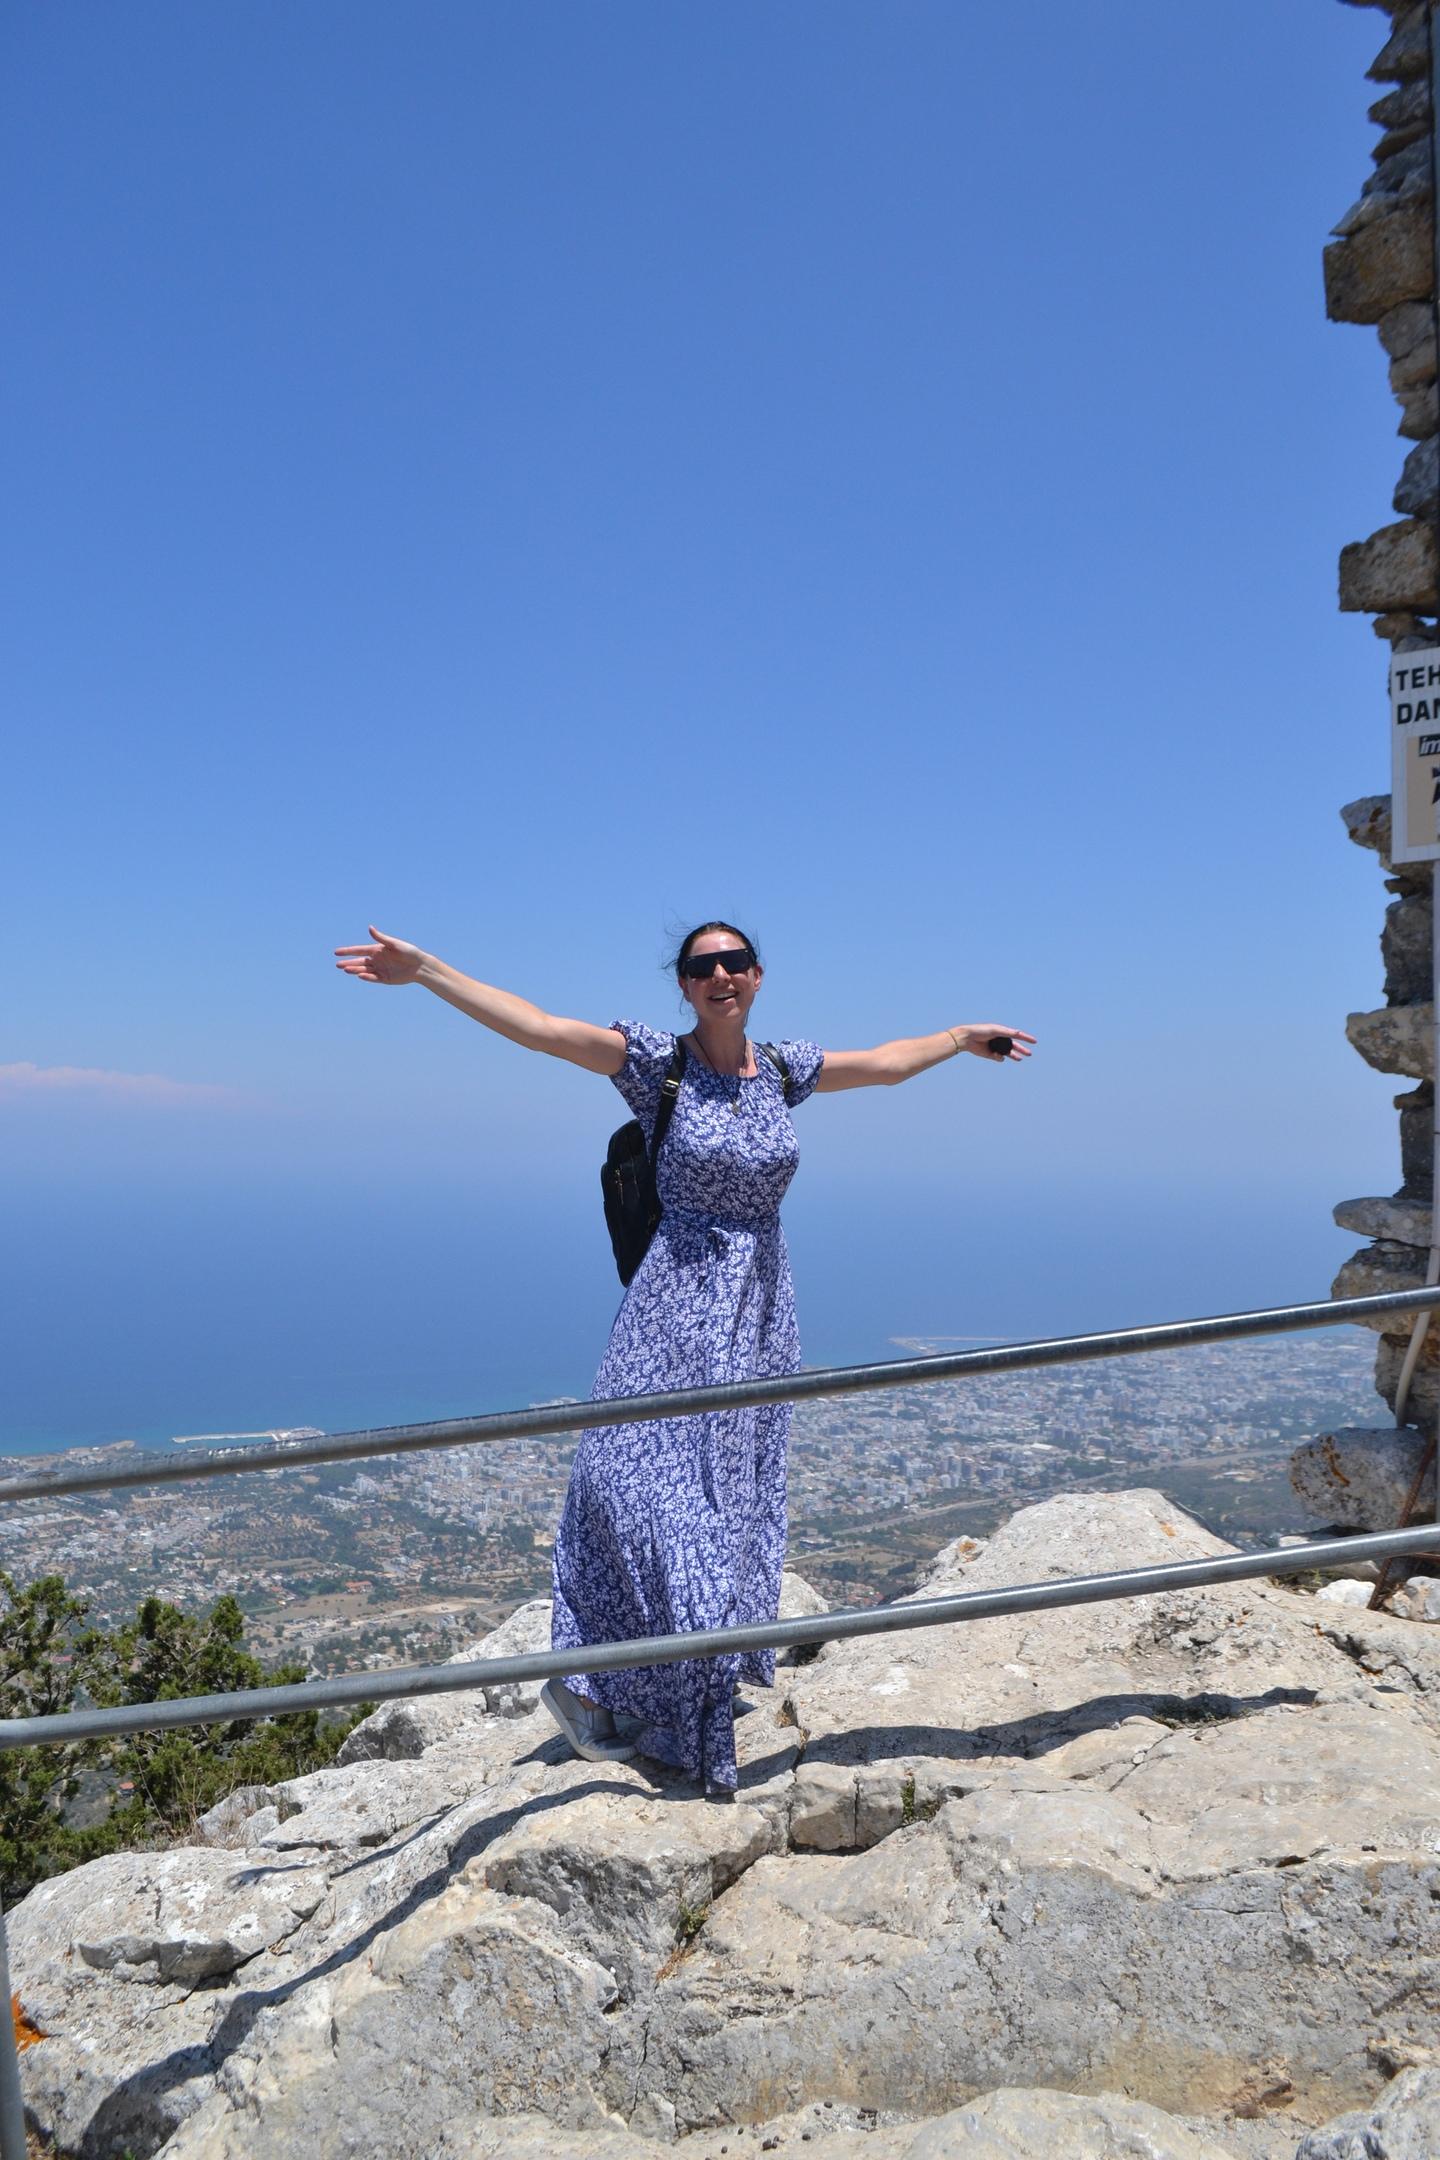 Северный Кипр. Замок Святого Иллариона. (фото). - Страница 3 58lK7JbsUWI